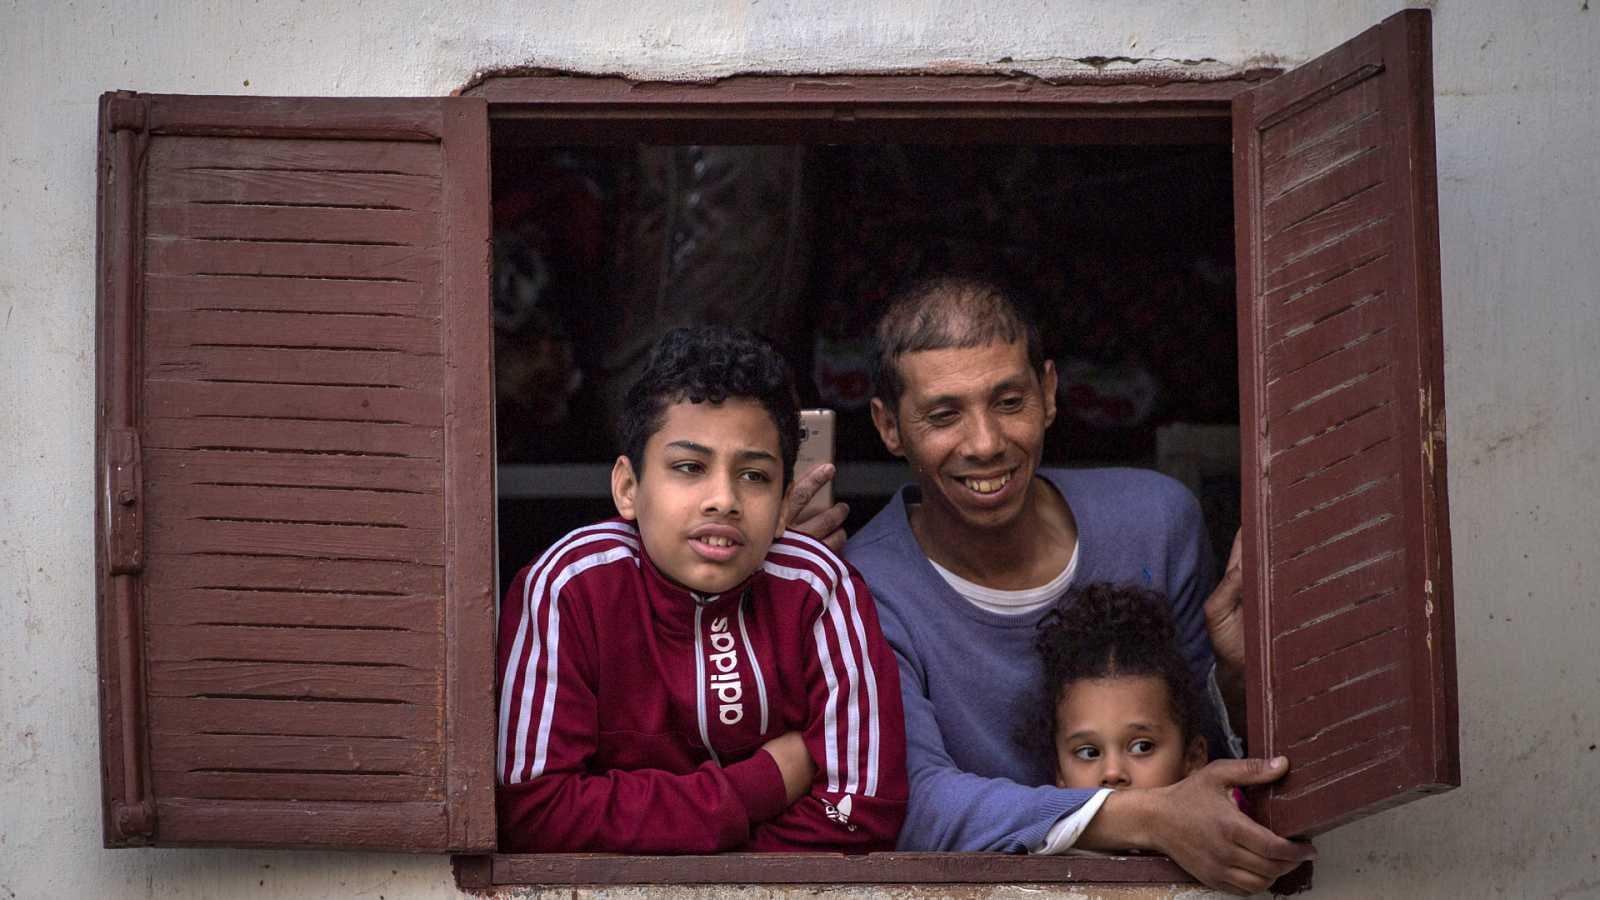 Reportajes 5 Continentes - Las aspiraciones de los jovenes de los países árabes - Escuchar ahora